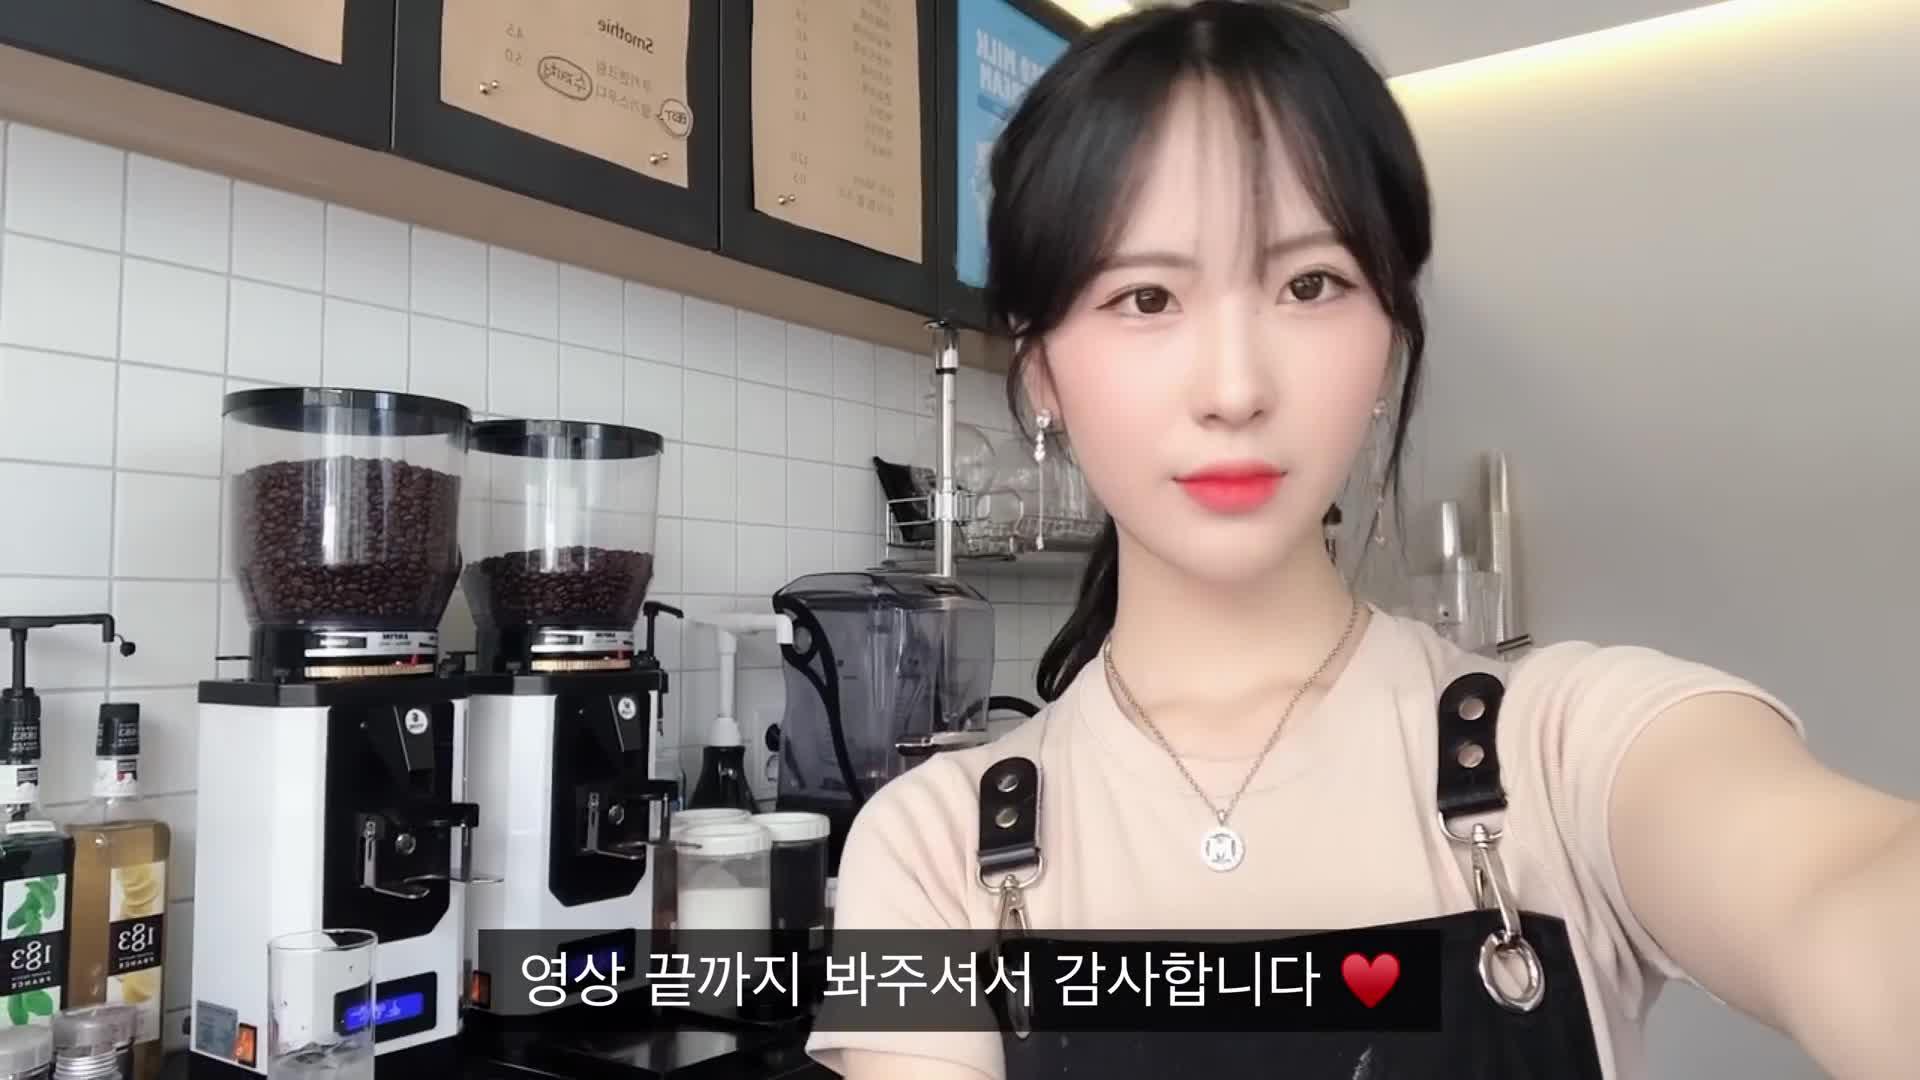 韩国小姐姐奶茶店工作日常vlog